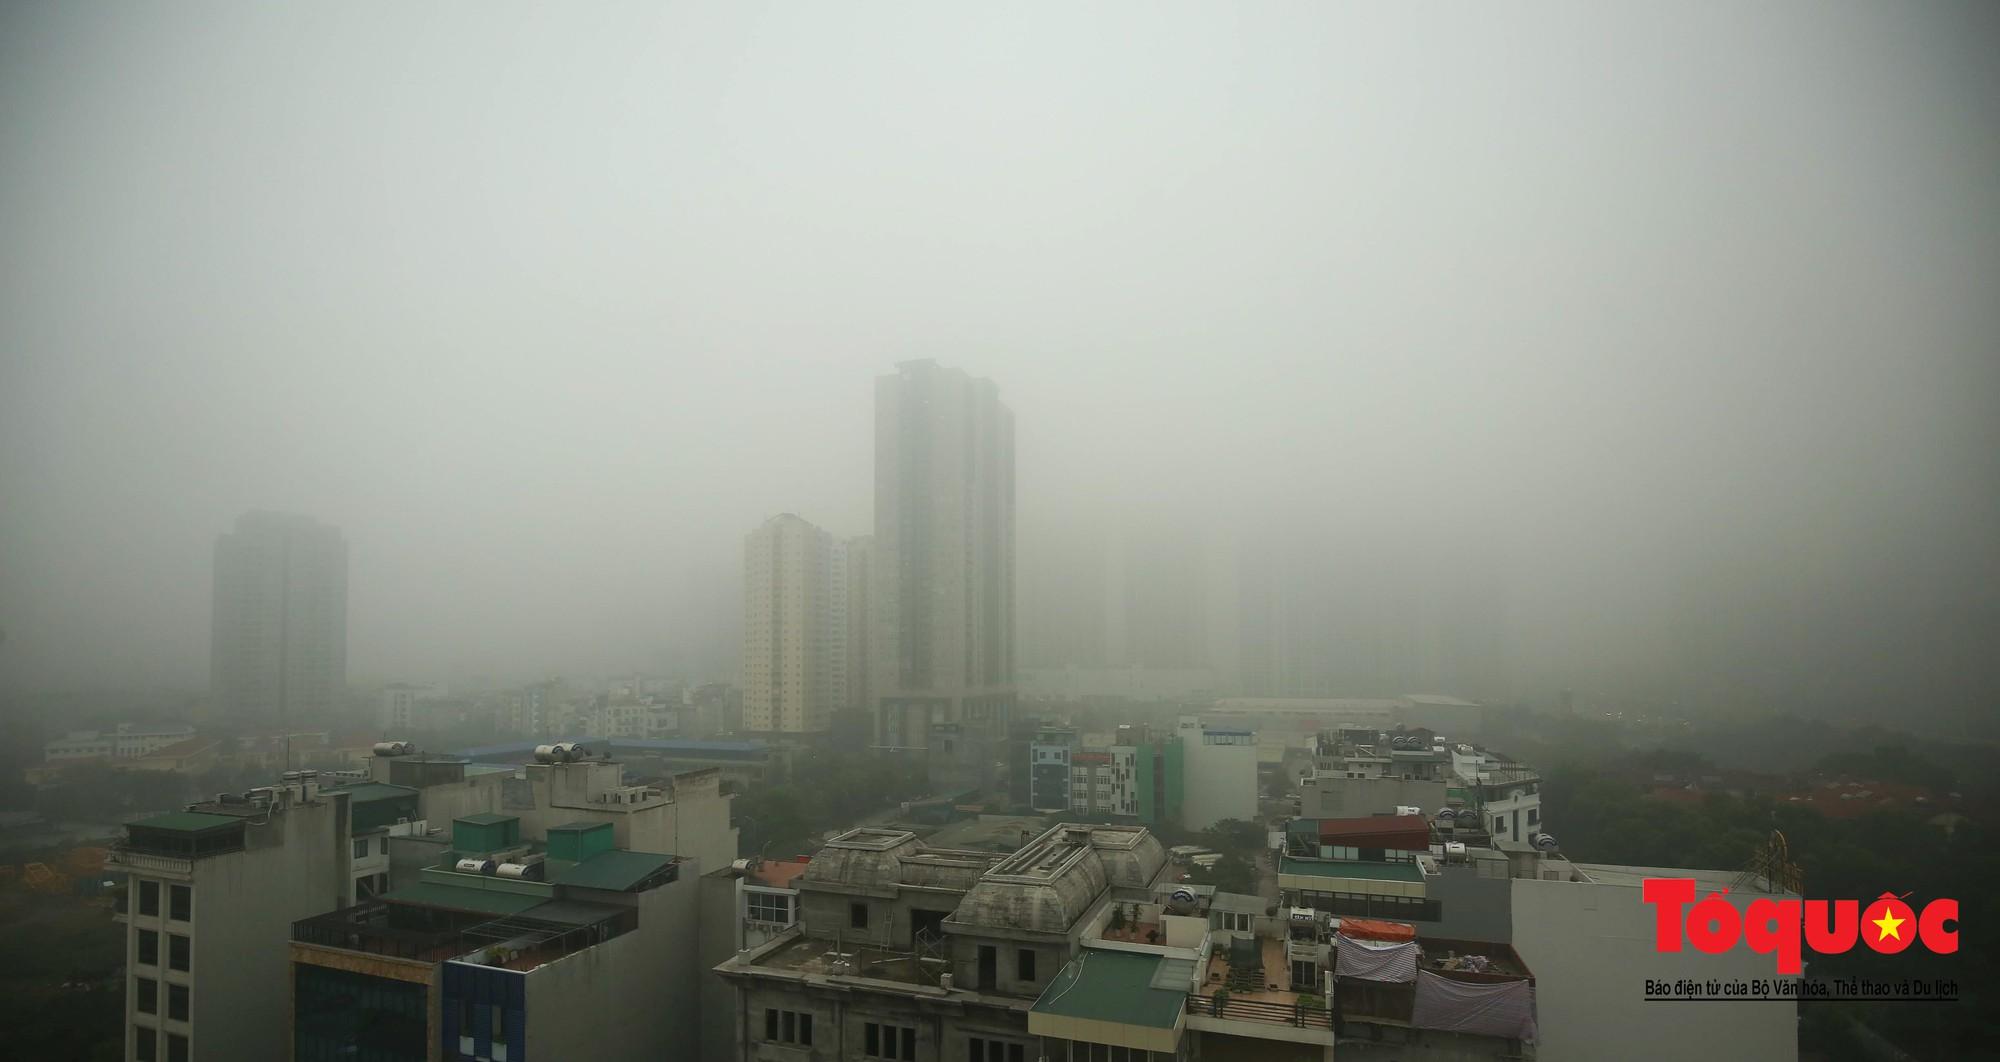 Cao ốc Hà Nội chơi ú tìm trong lớp sương mù dày đặc6